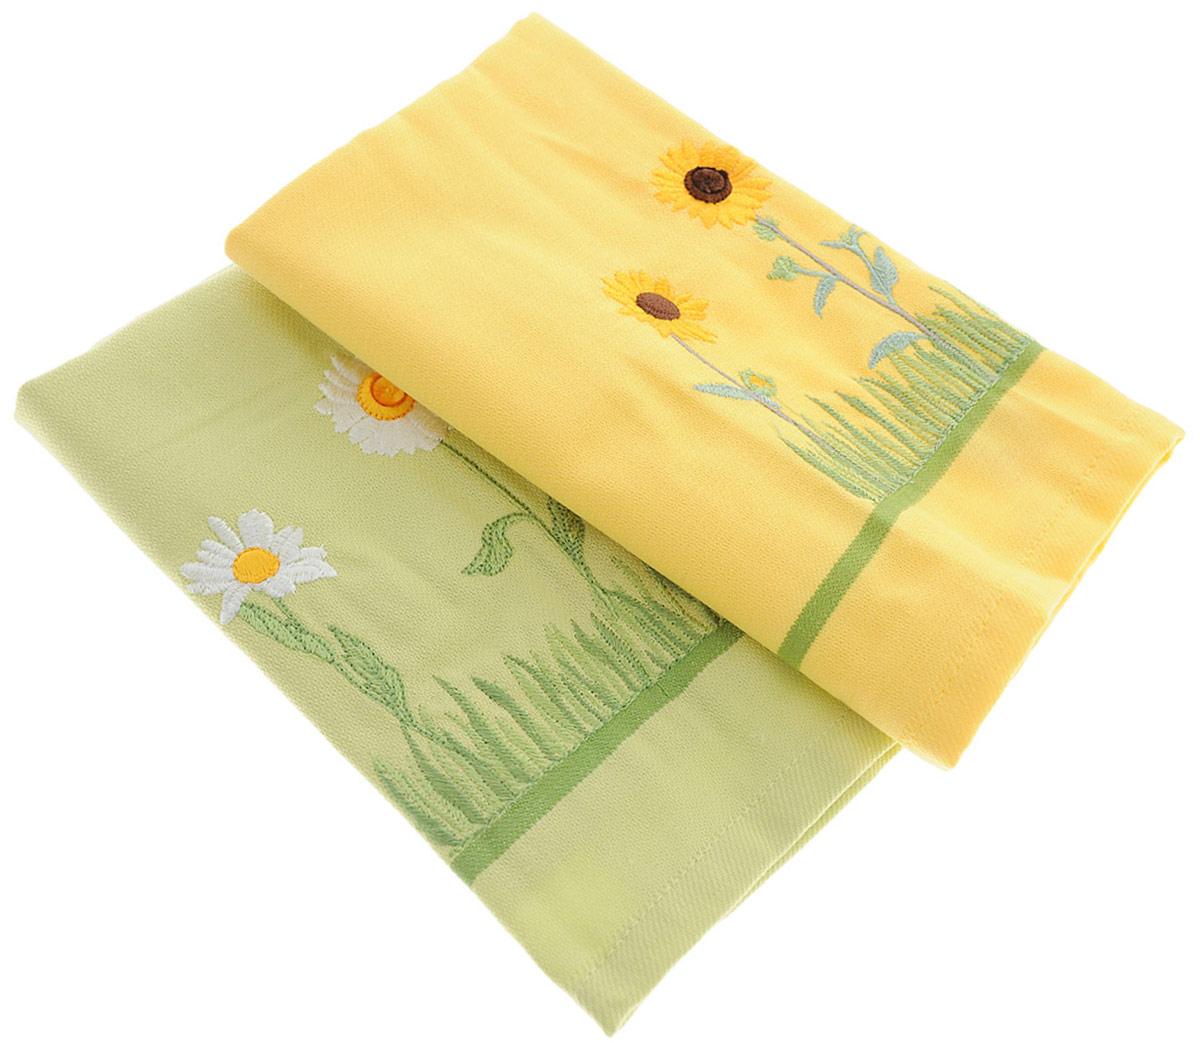 Набор полотенец Bonita Цветы. Ромашки. Подсолнух, цвет: желтый, салатовый, 40 х 60 см, 2 шт1010215378_желтый, салатовыйНабор полотенец Bonita, изготовленный из натурального хлопка, идеально дополнит интерьер вашей кухни и создаст атмосферу уюта и комфорта. В набор входят два вафельных полотенца, которые оформлены вышивкой в виде корзин с грушами и малиной.Изделия выполнены из натурального материала, поэтому являются экологически чистыми. Высочайшее качество материала гарантирует безопасность не только взрослых, но и самых маленьких членов семьи.